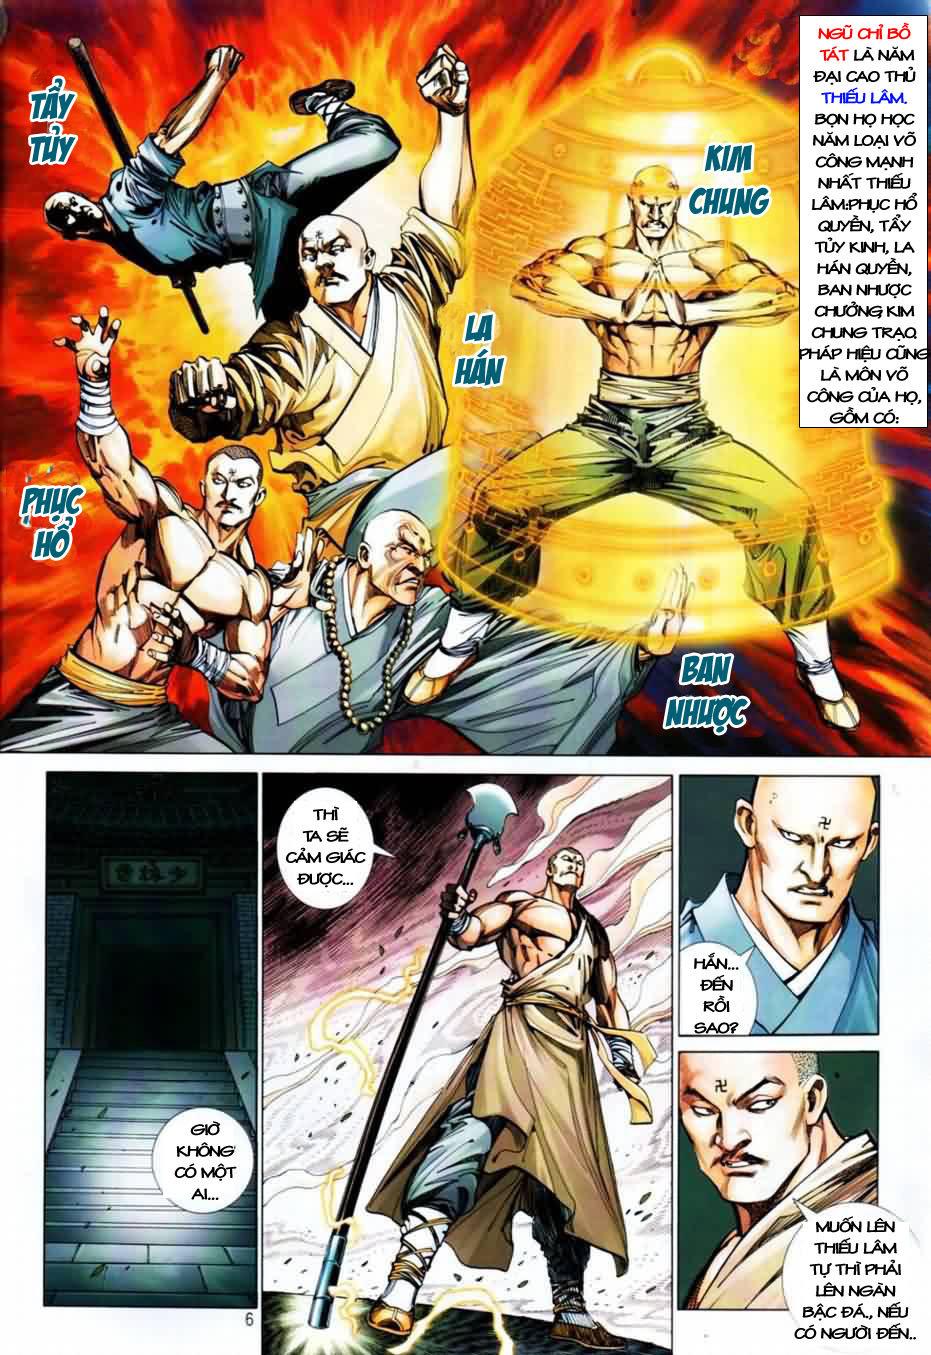 Thiên Hạ Vô Địch Kiếm Tà Thần chap 1 trang 5